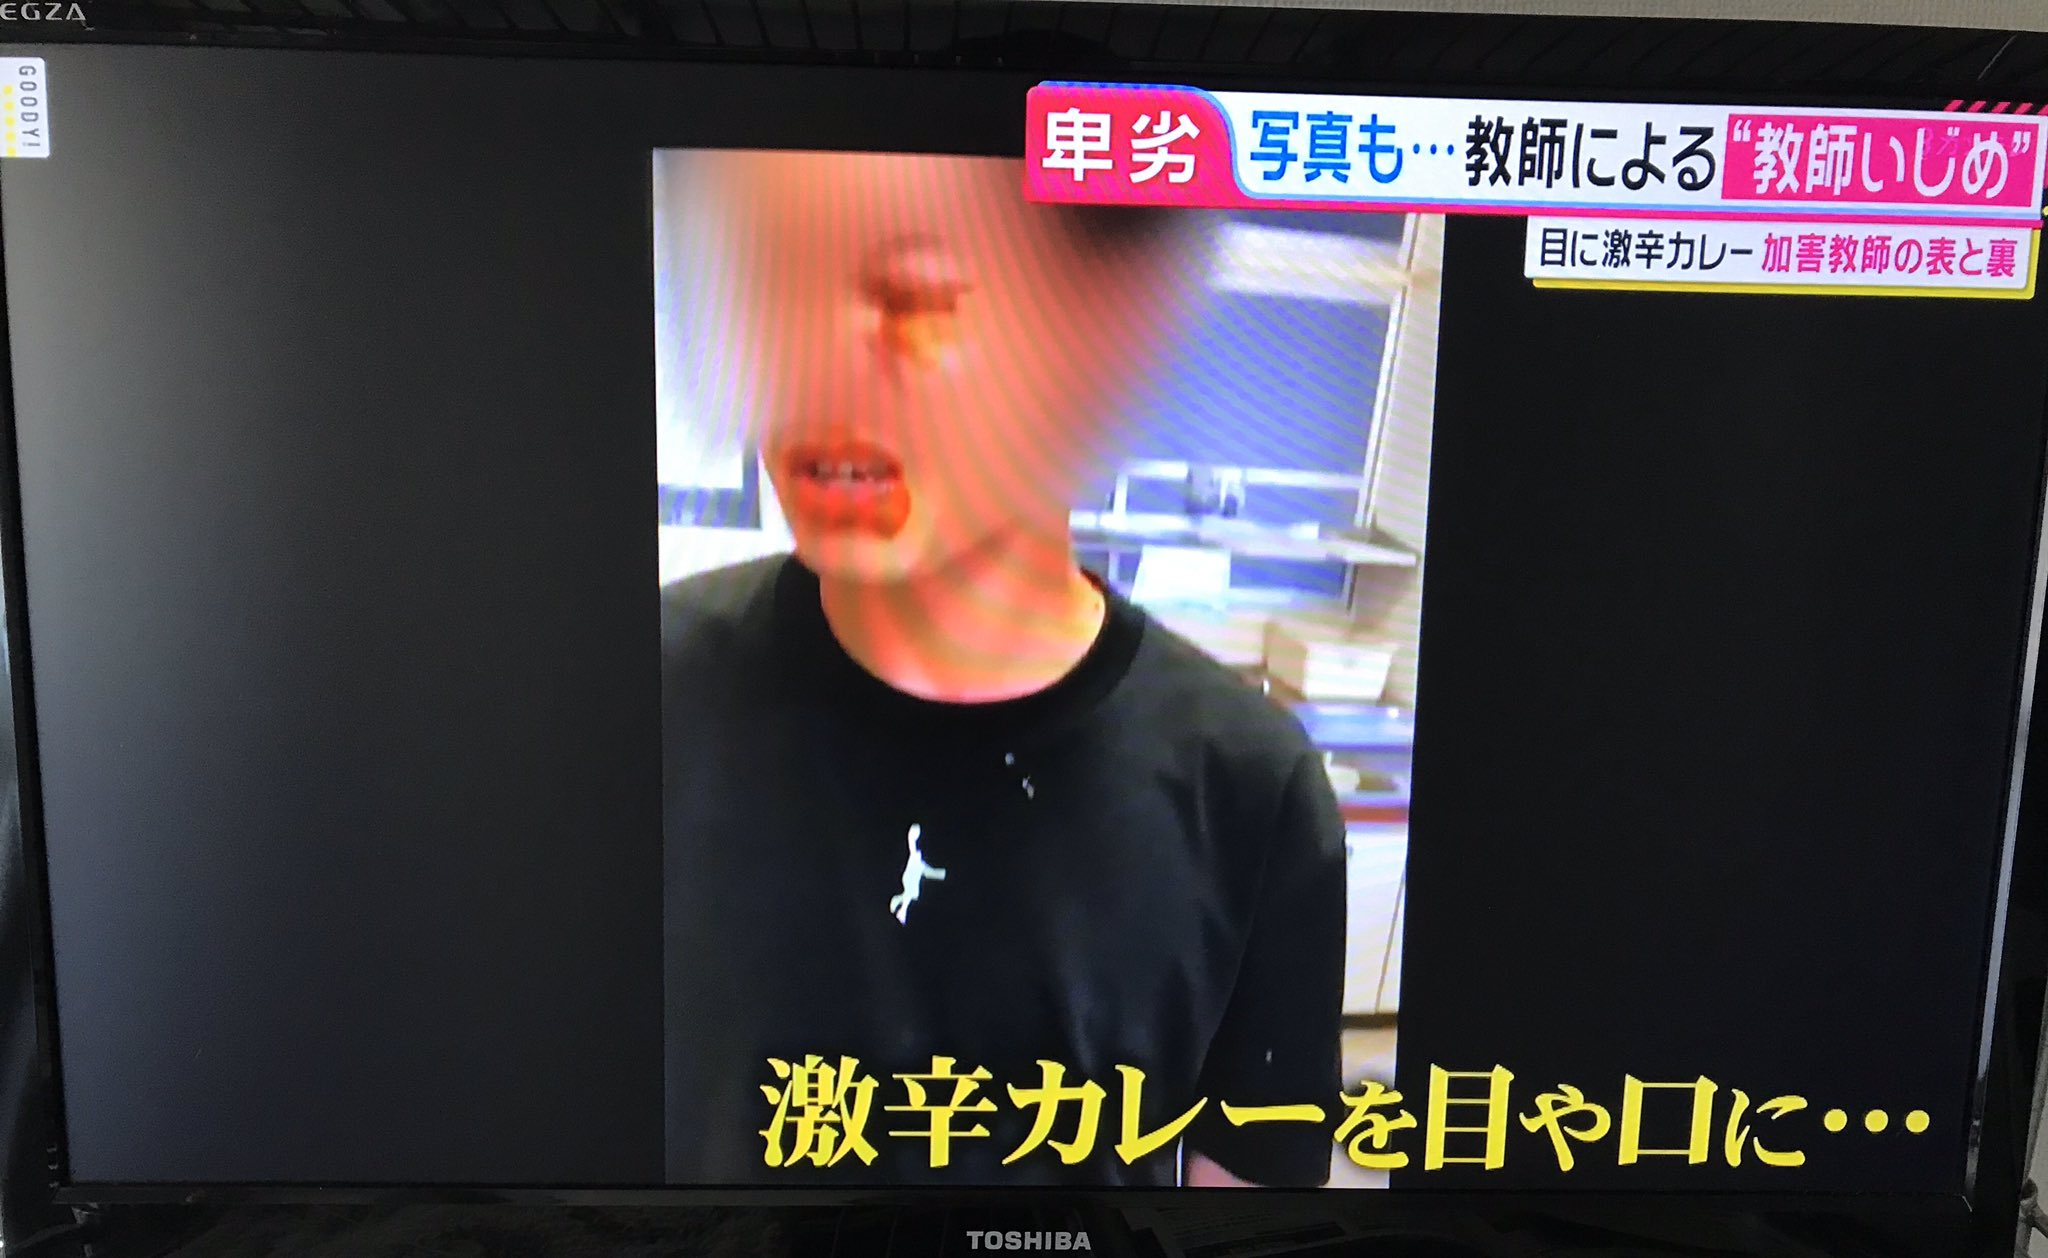 神戸 市 いじめ 教員 画像